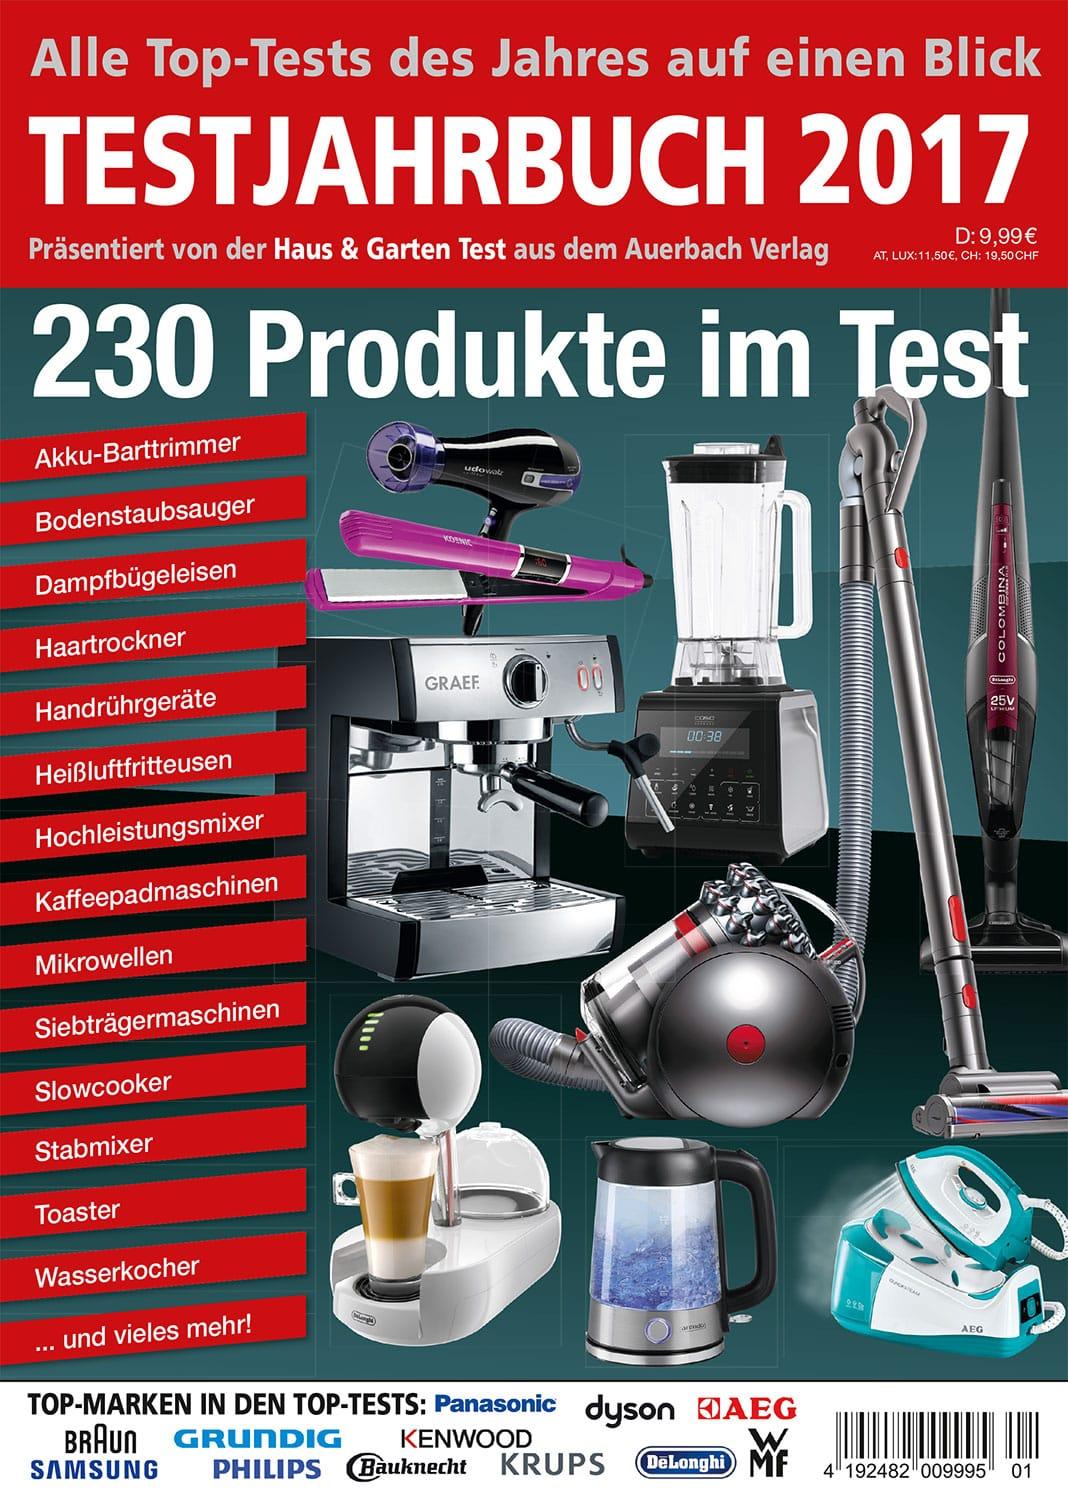 das testjahrbuch 2017 250 produkte im test haus. Black Bedroom Furniture Sets. Home Design Ideas